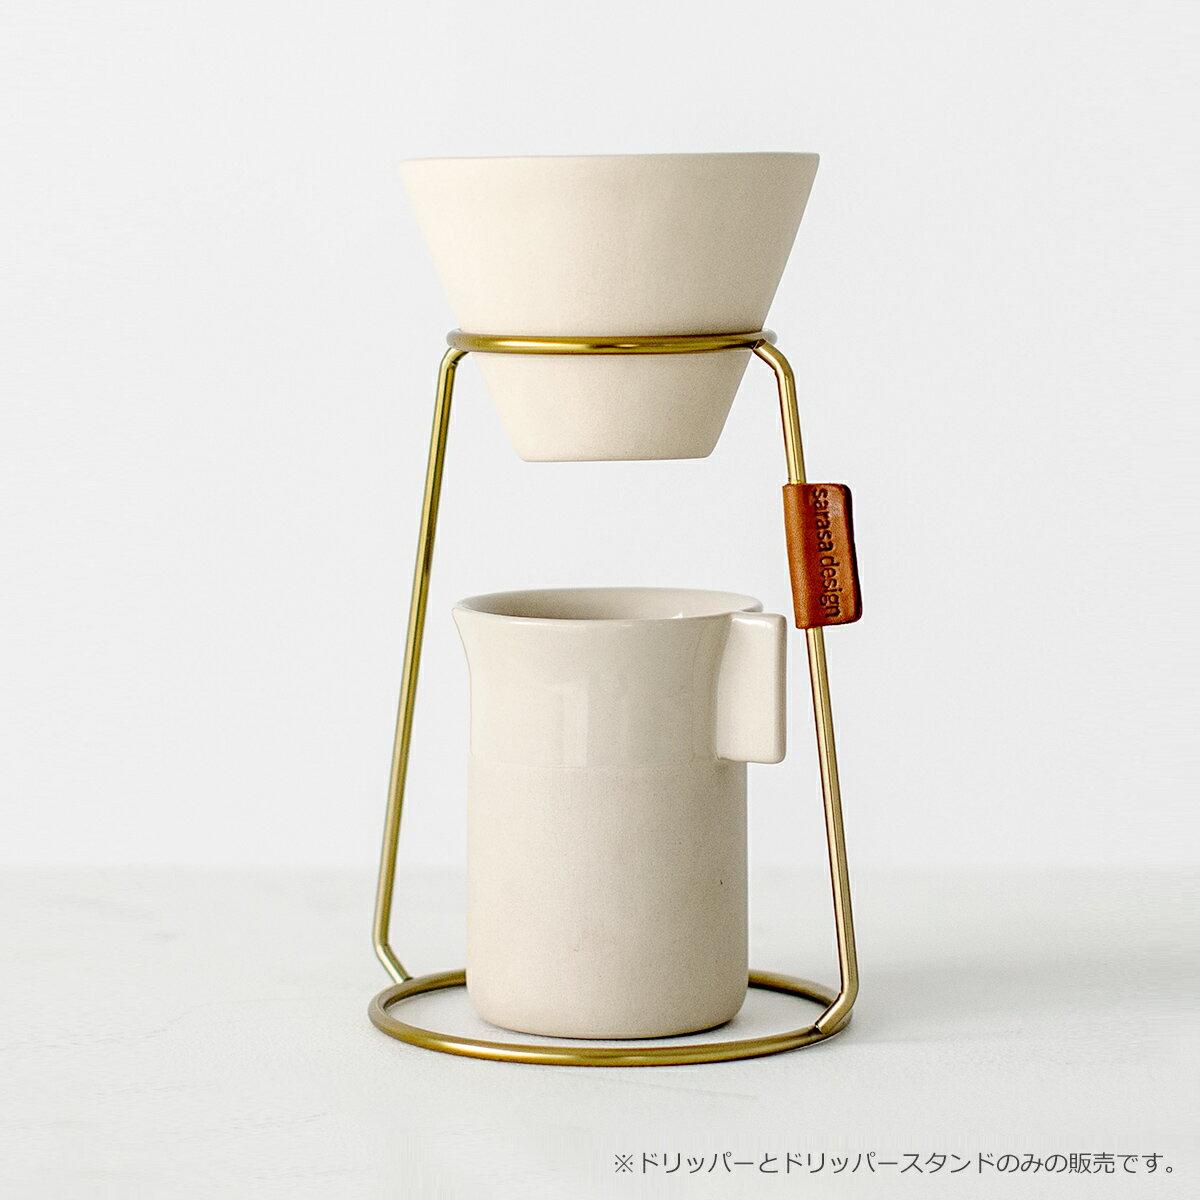 コーヒー ドリッパー 珈琲[セット販売●b2c コーヒードリッパースタンド&ドリッパーセット(ストーンウェア)]ギフト#SALE_TB